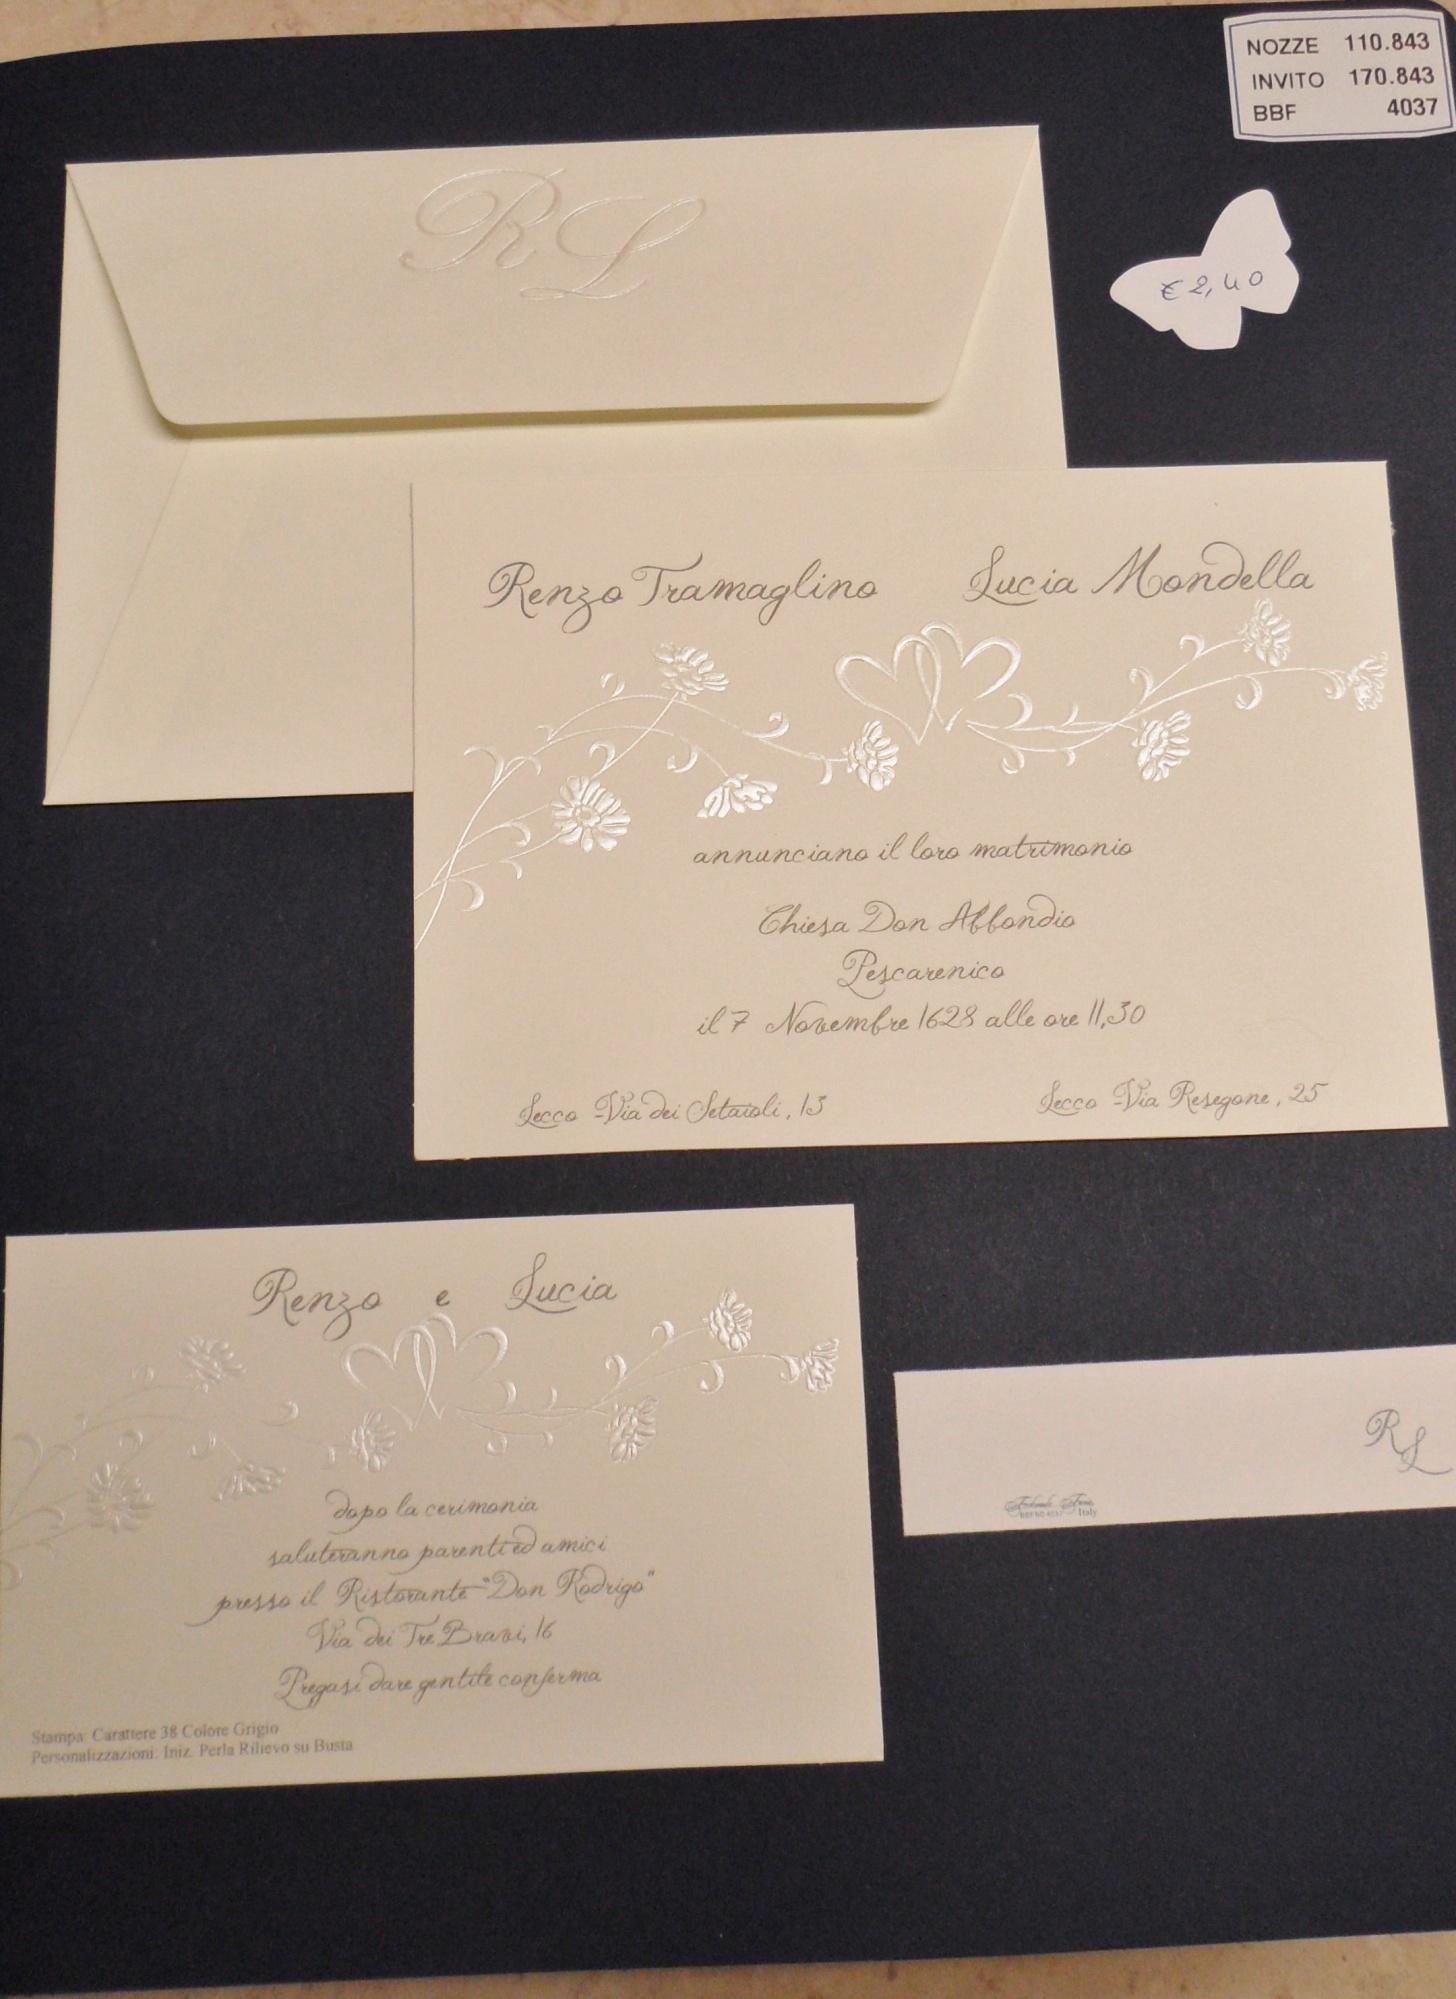 Partecipazioni Matrimonio Economiche 1 Euro.Partecipazioni Nozze Lux 2018 Originali Eleganti Spiritose